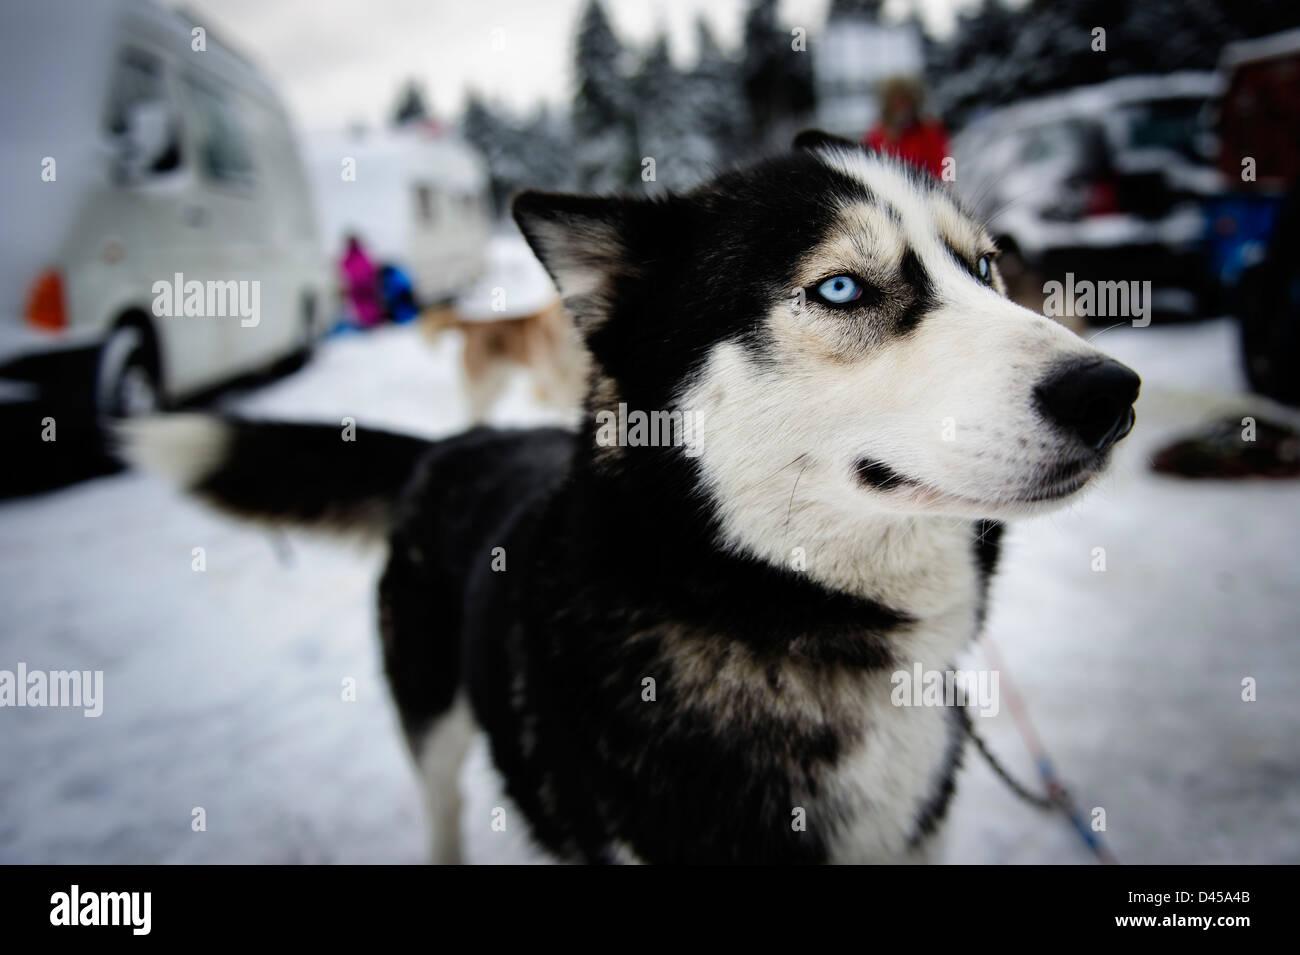 A husky Sled dog, Jakuszyce, Poland. - Stock Image